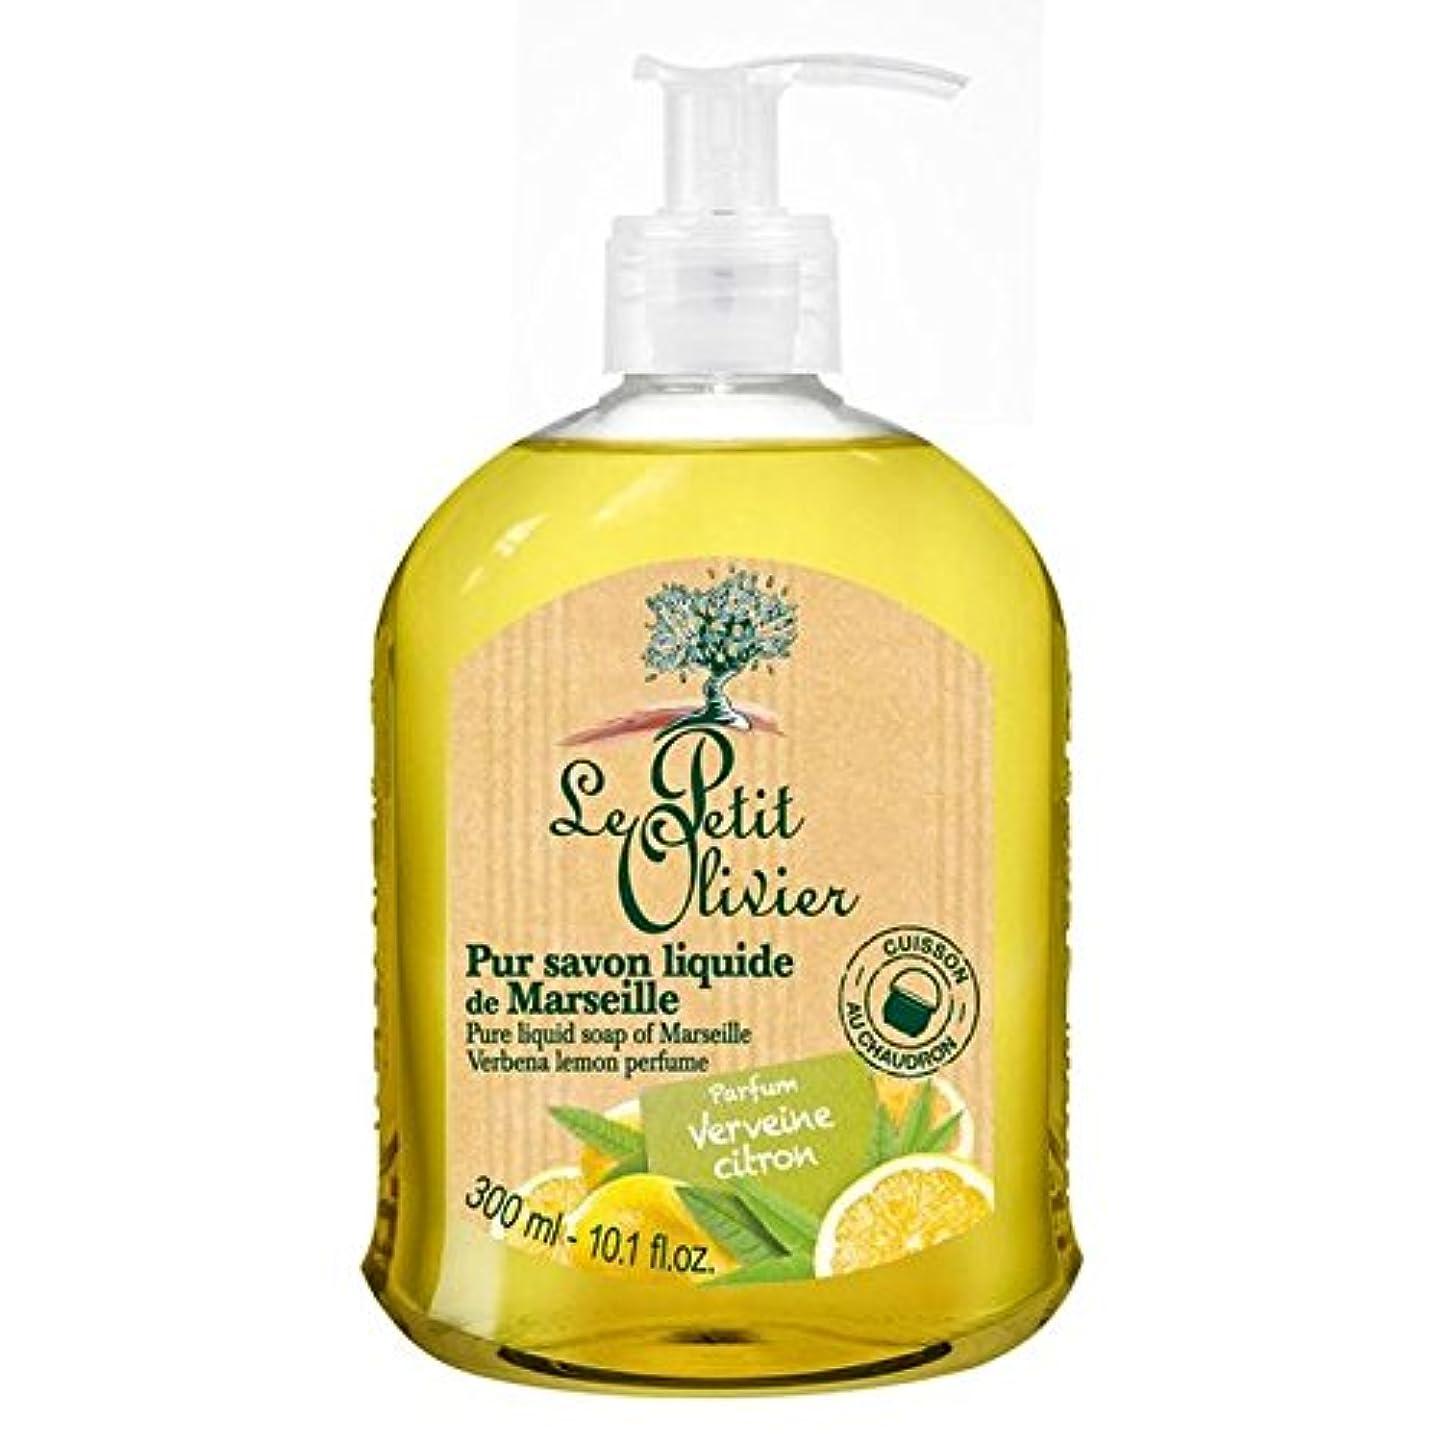 モルヒネ自我留まるマルセイユのル?プティ?オリヴィエ純粋な液体石鹸、バーベナレモン300ミリリットル x2 - Le Petit Olivier Pure Liquid Soap of Marseille, Verbena Lemon 300ml...